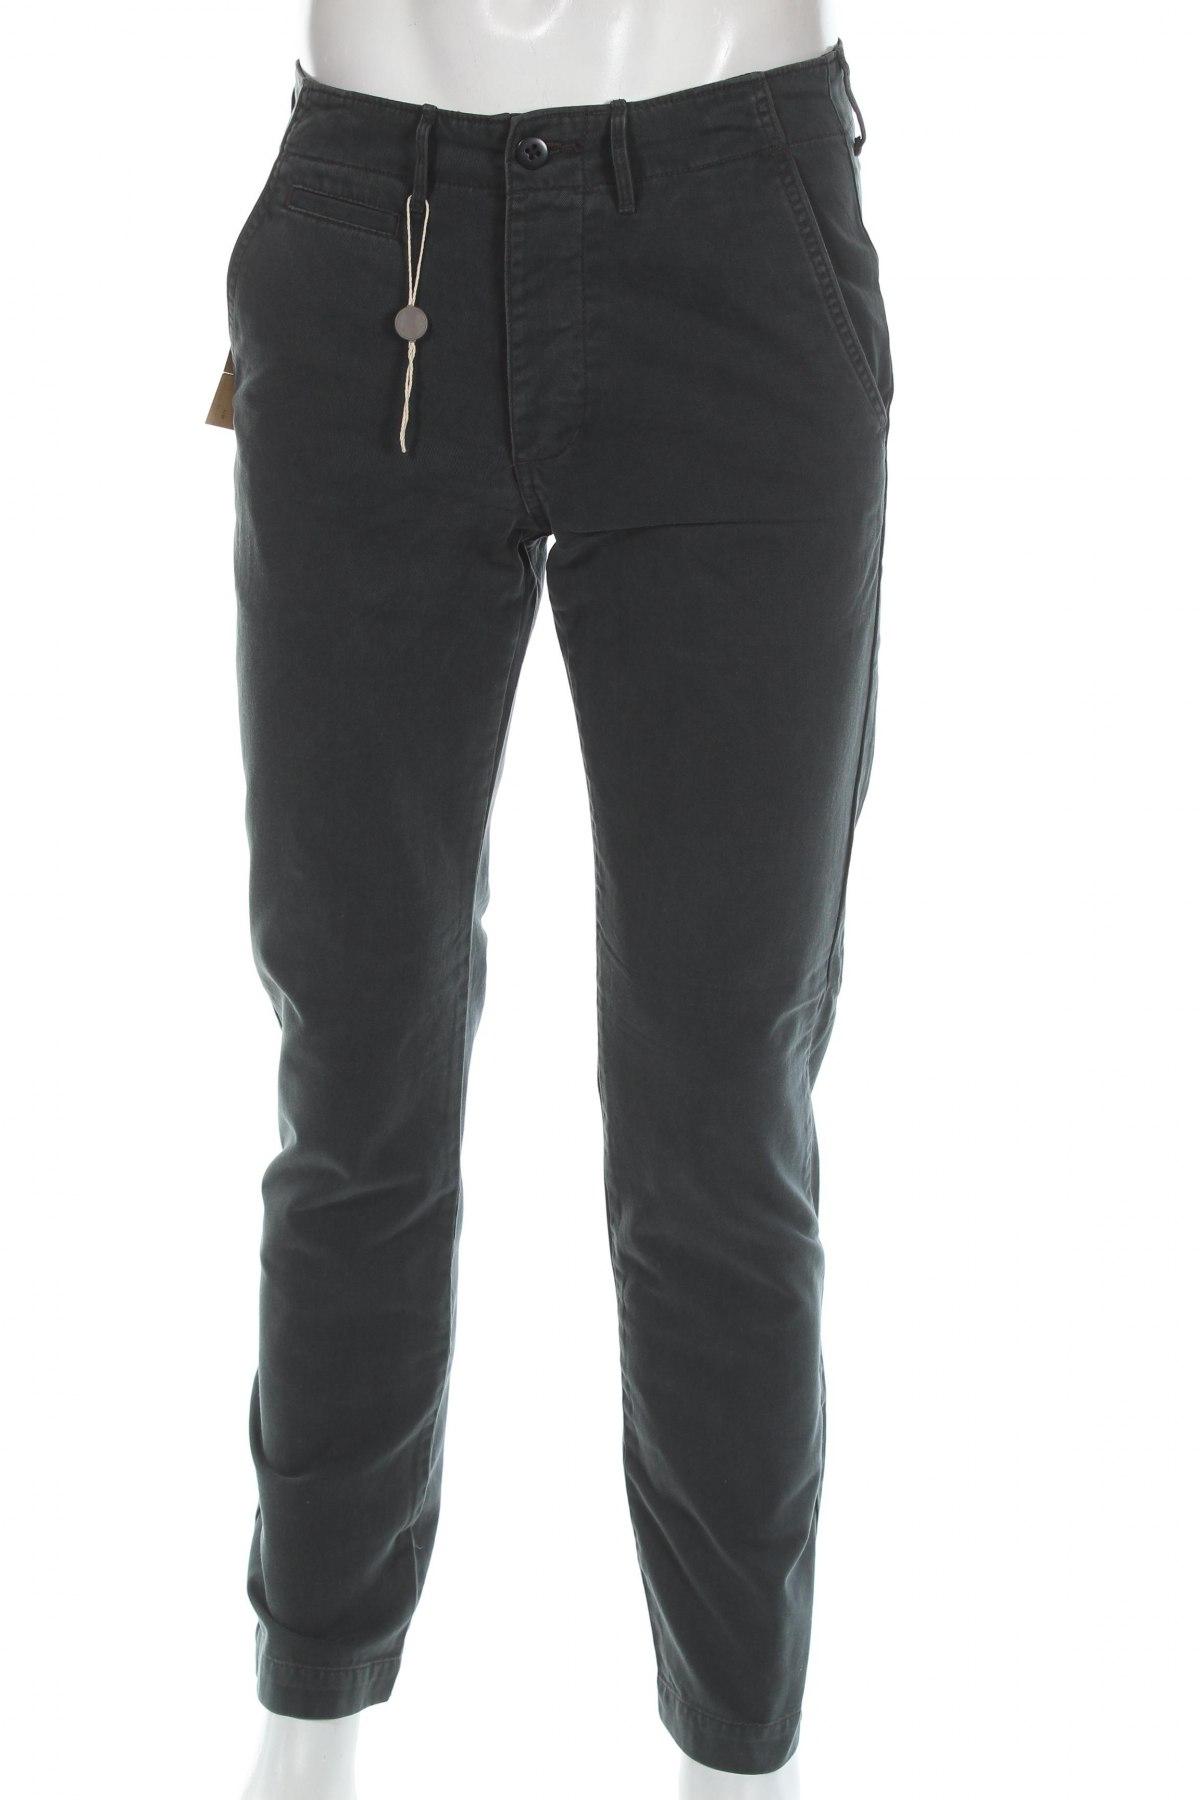 Ανδρικό παντελόνι Ralph Lauren Denim & Supply, Μέγεθος S, Χρώμα Πράσινο, 100% βαμβάκι, Τιμή 91,81€